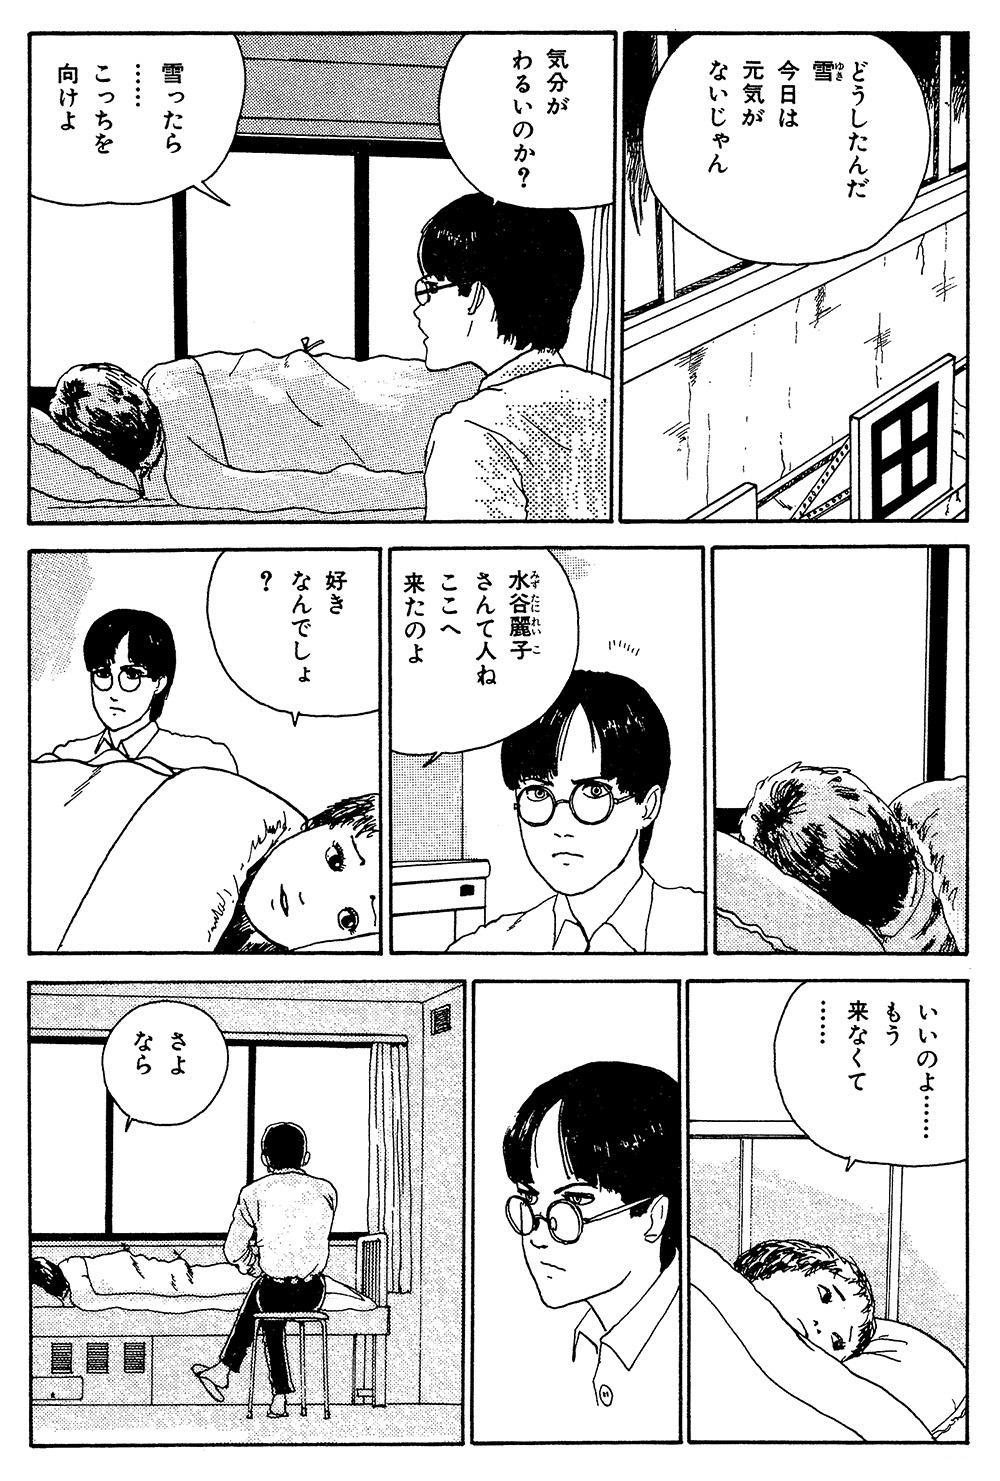 伊藤潤二傑作集 第2話「富江 森田病院編」①itouj_0001_0046.jpg